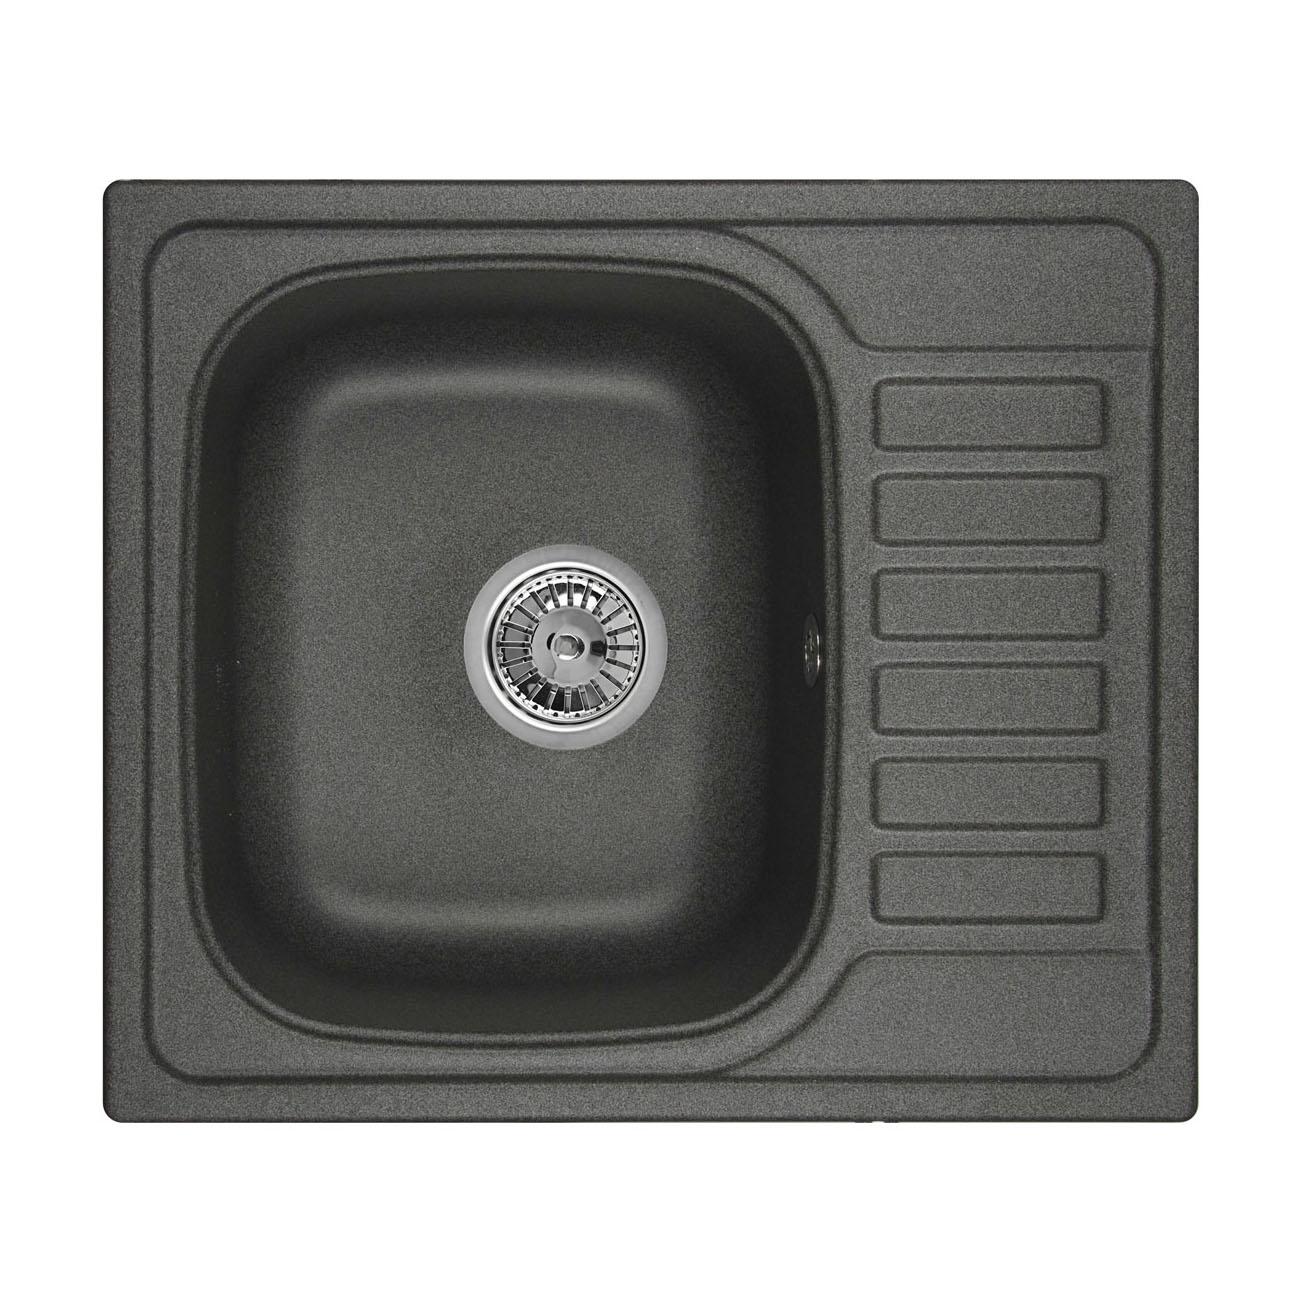 Кухонная мойка Granula GR-5801 575х495 графит мойка кухонная granula 50 5х51 см графит gr 5102 графит